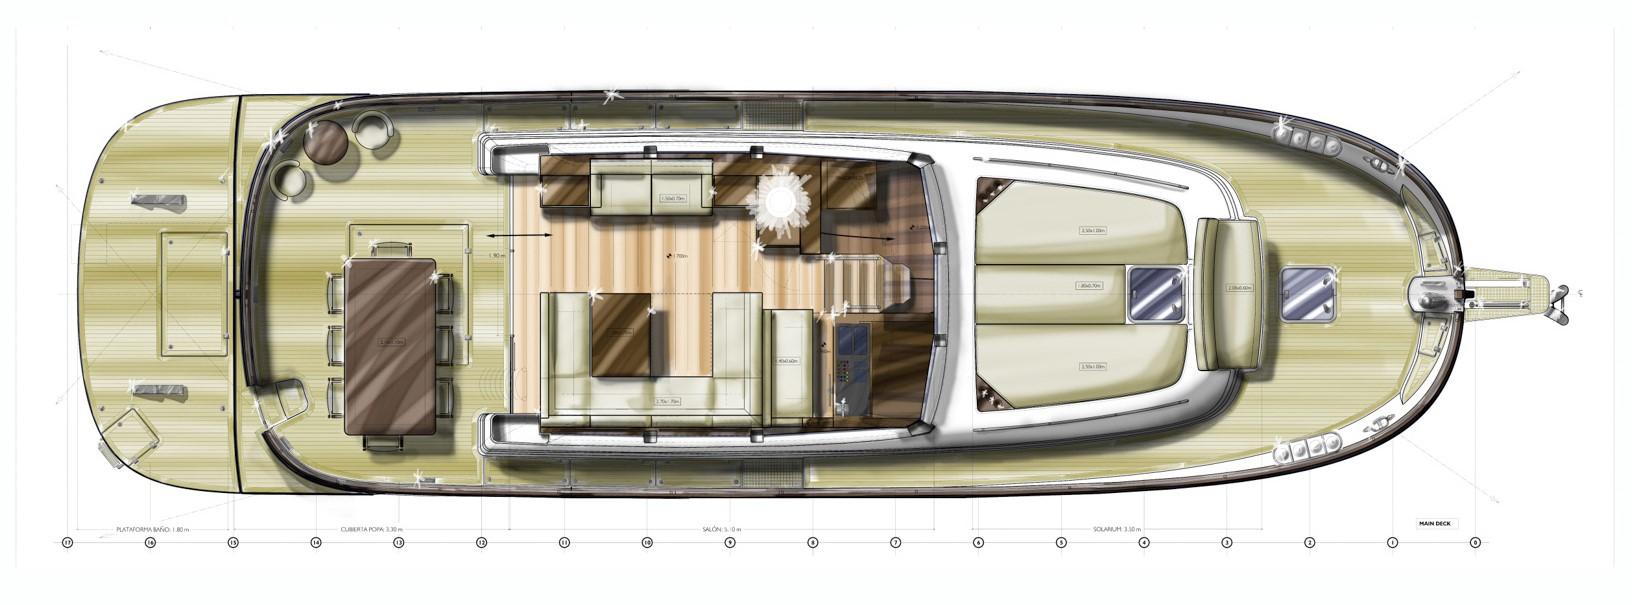 minorca islander 54 hardtop main deck layout